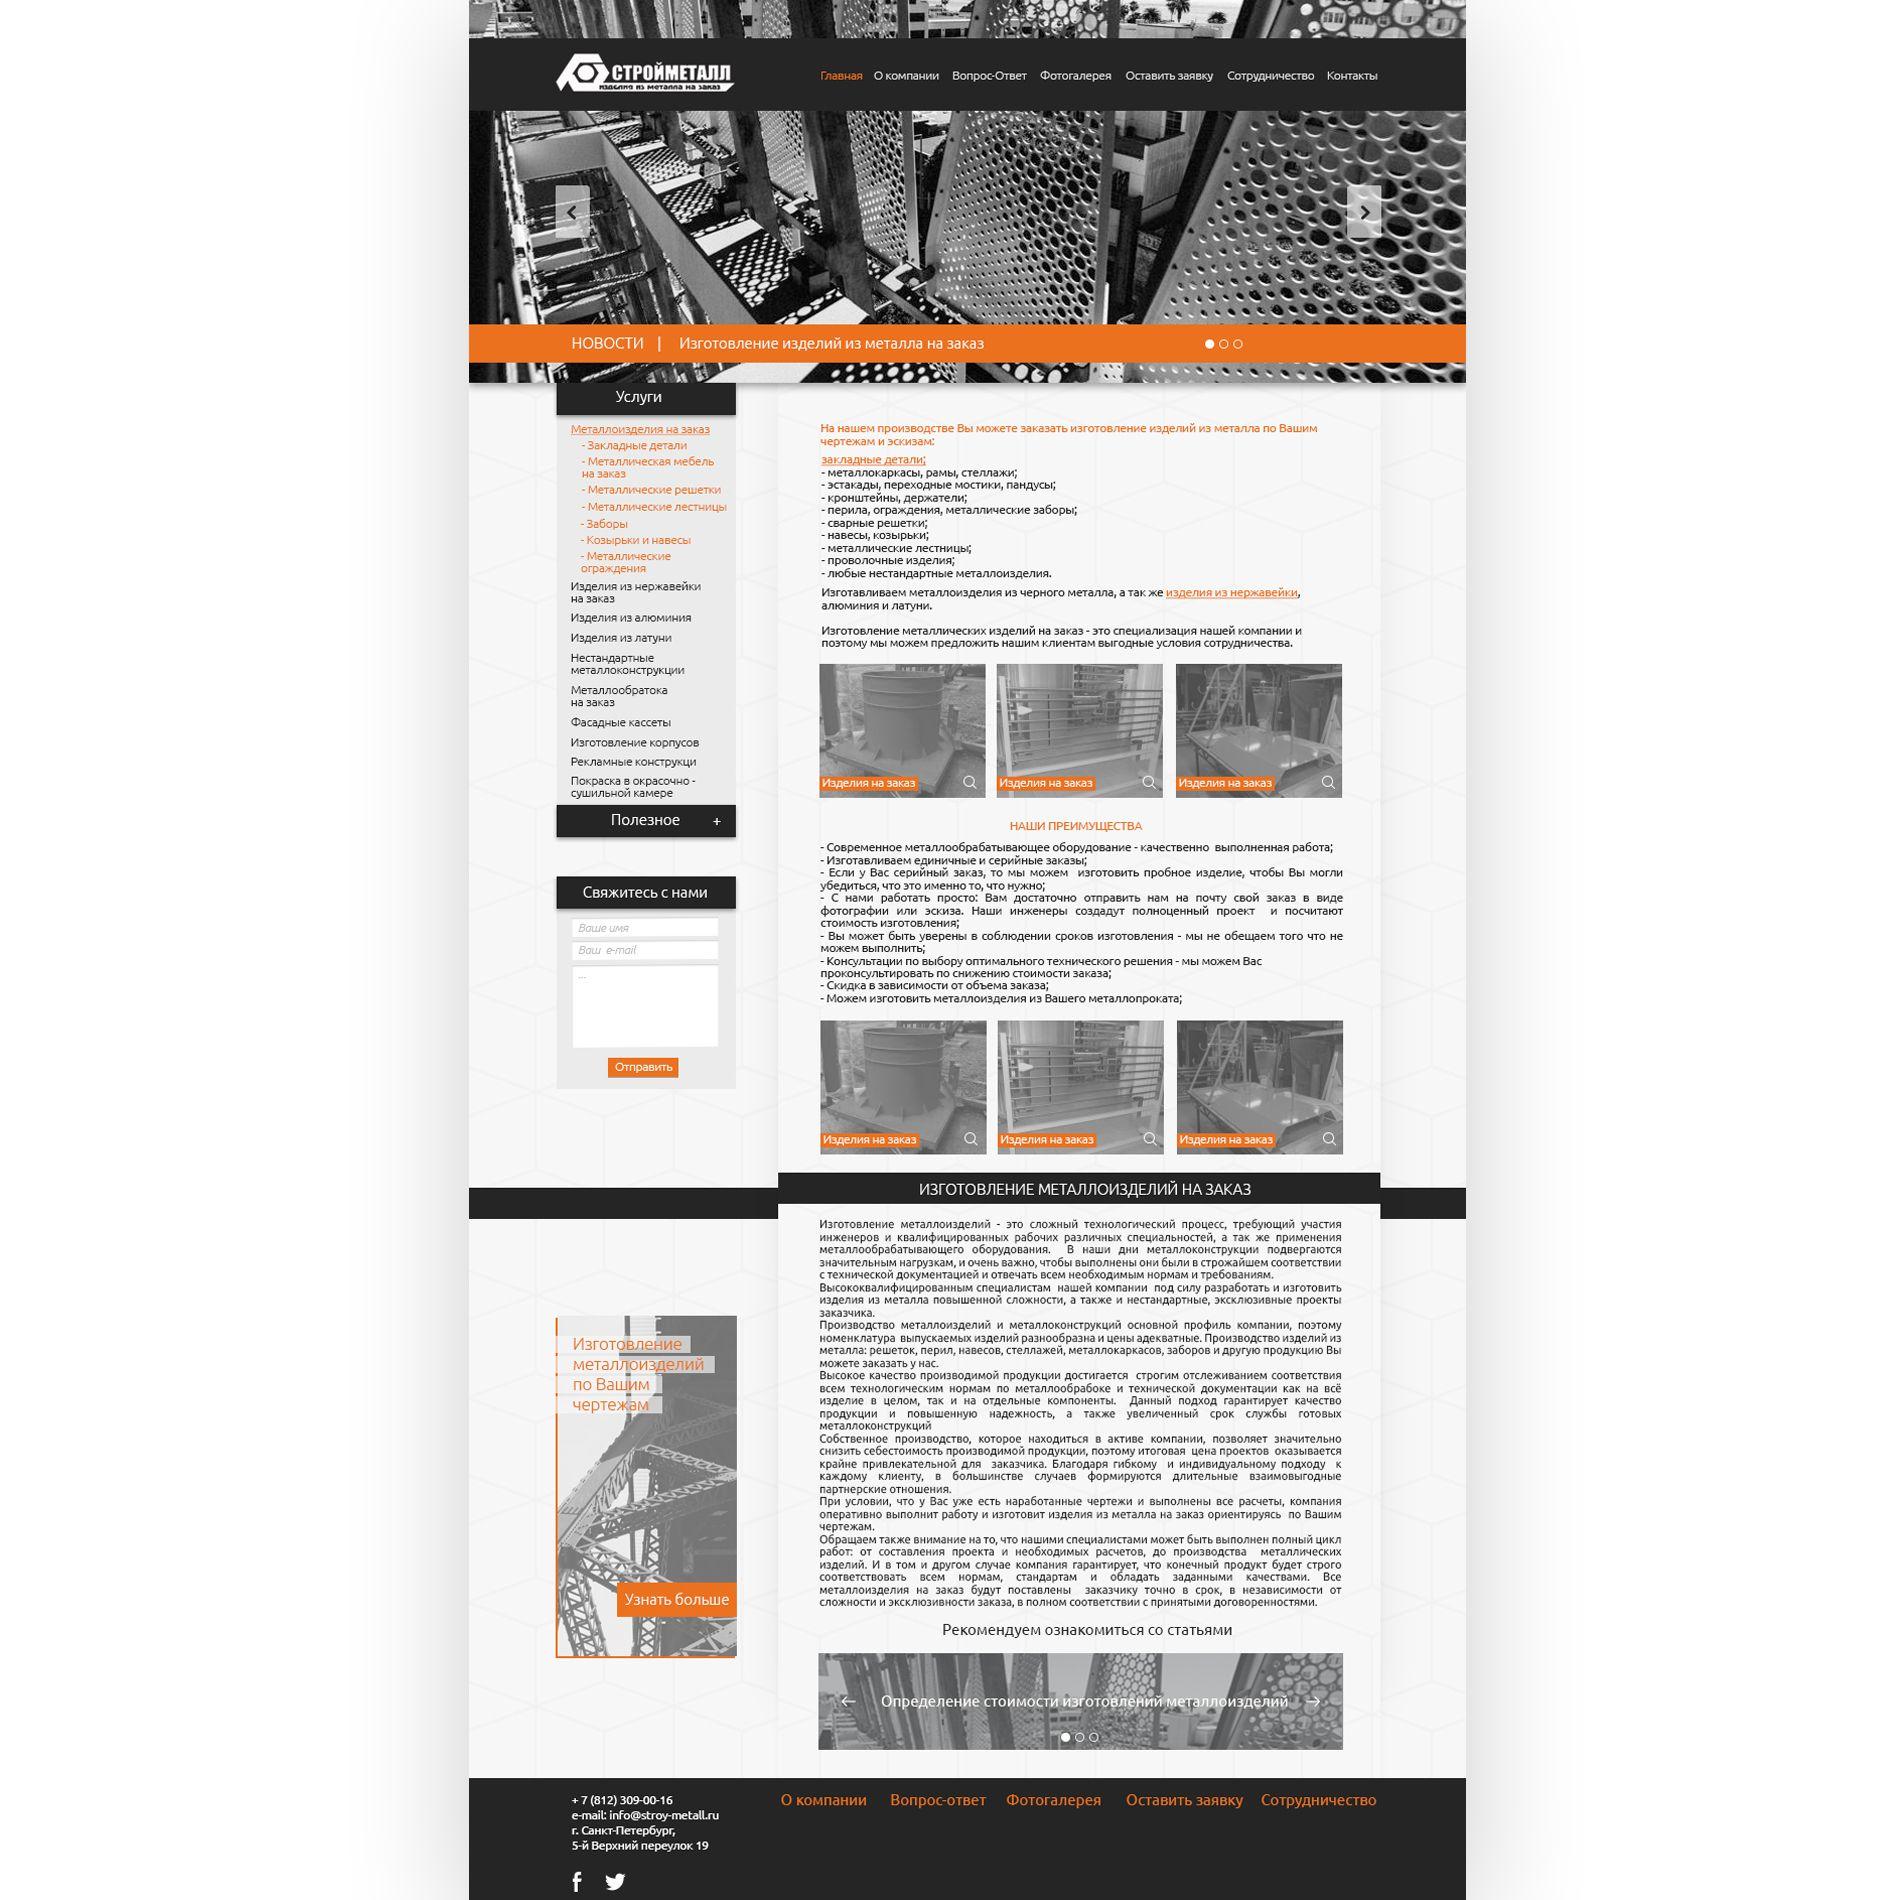 Редизайн сайта производственной компании  - дизайнер dizkhb